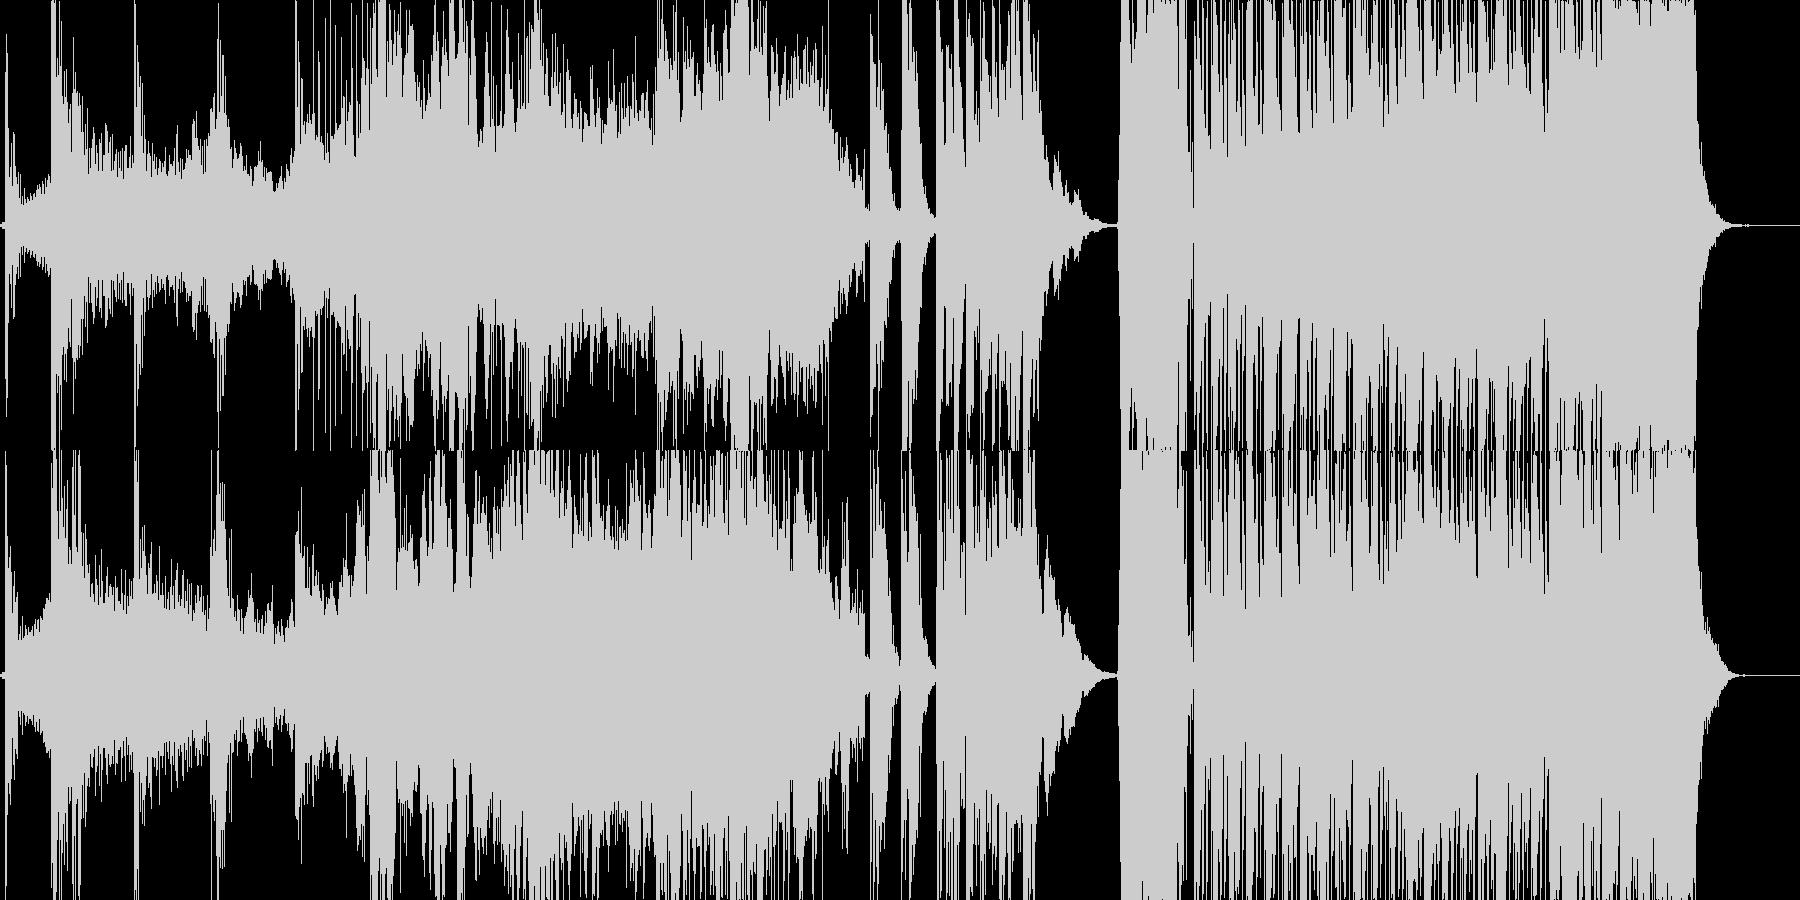 途中展開ありホラーBGMの未再生の波形